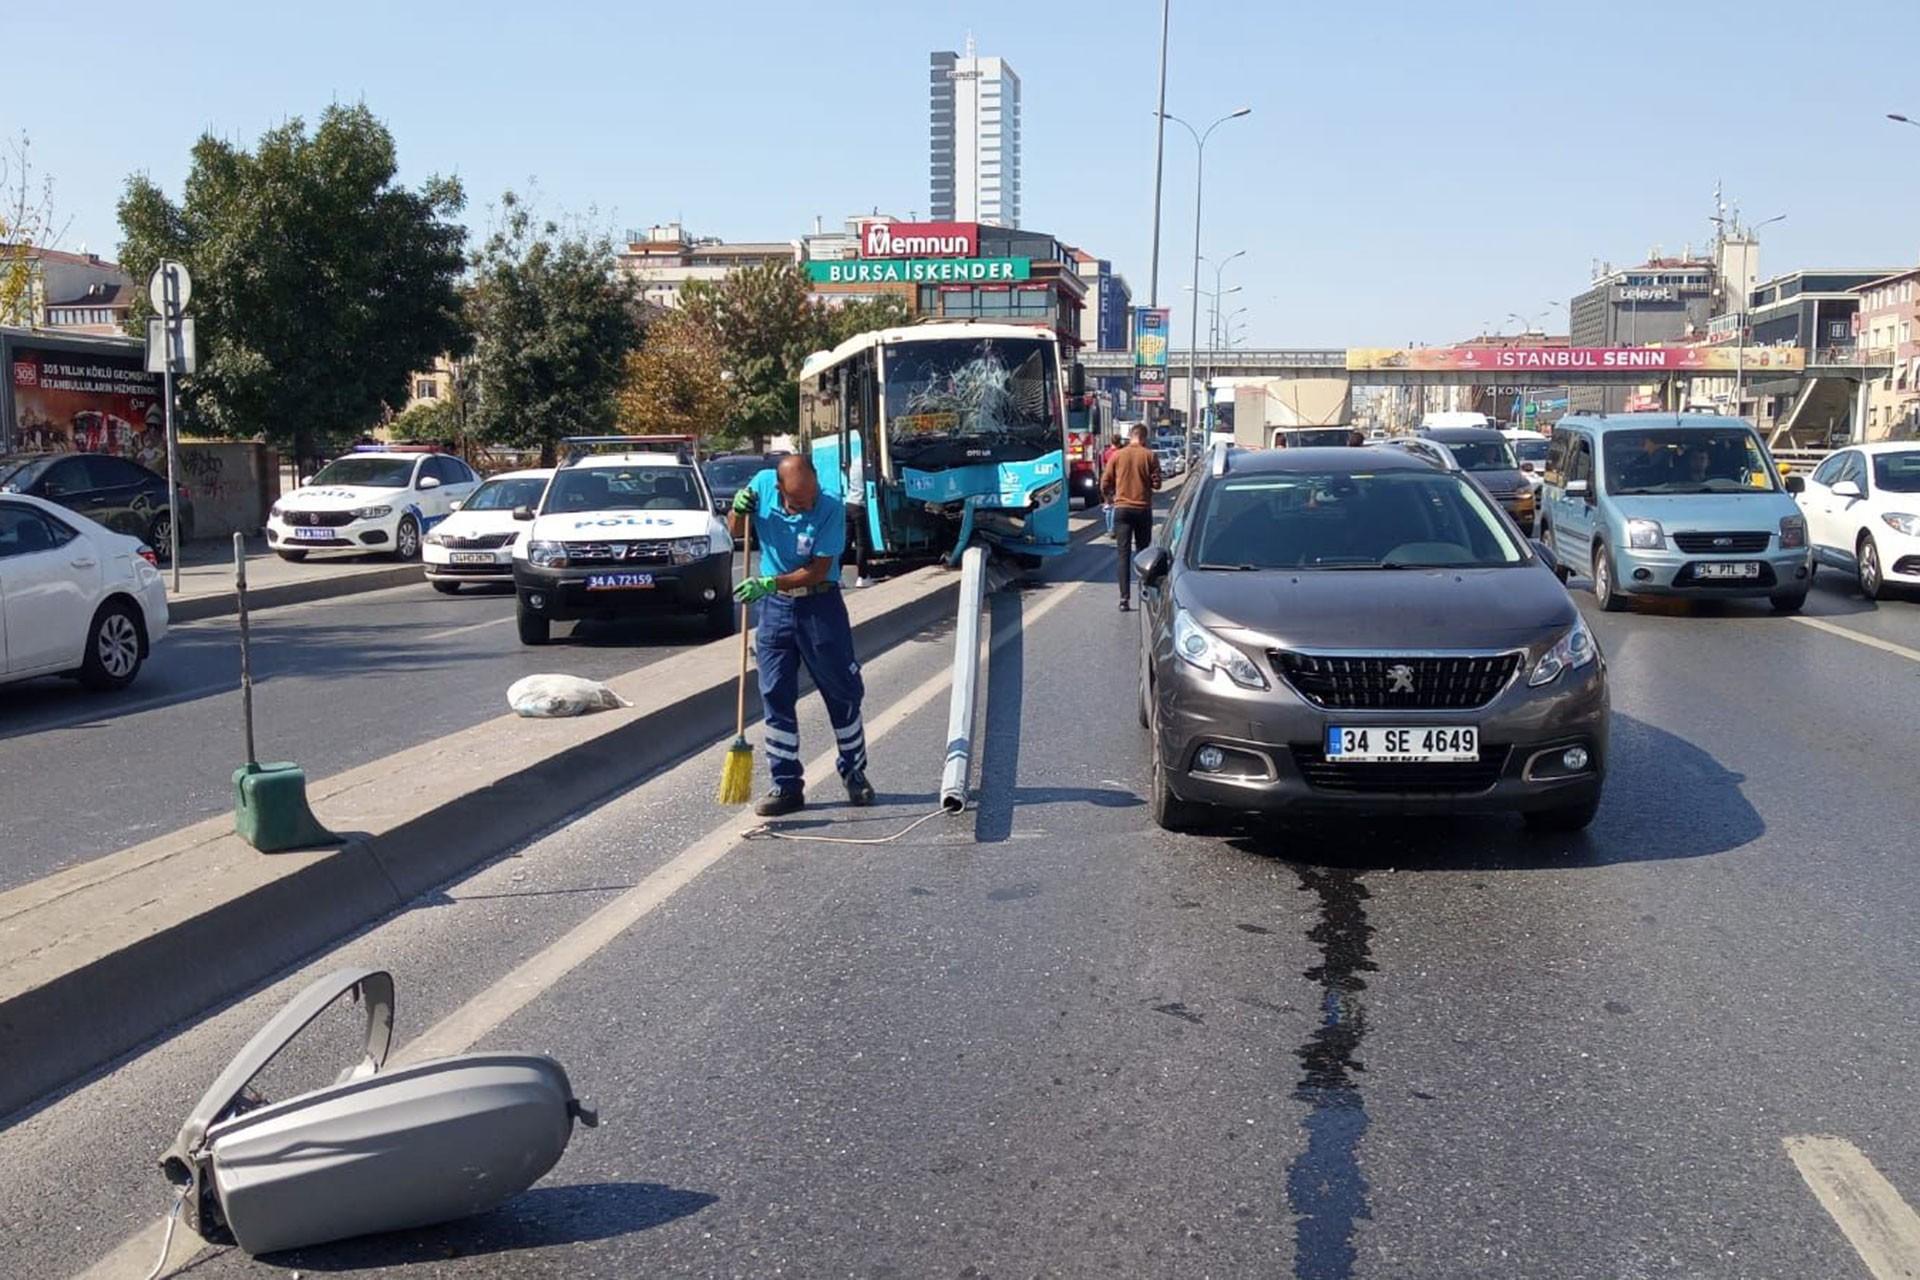 Avcılar'da özel halk otobüsü kaldırıma çıktı: 3 kişi yaralı